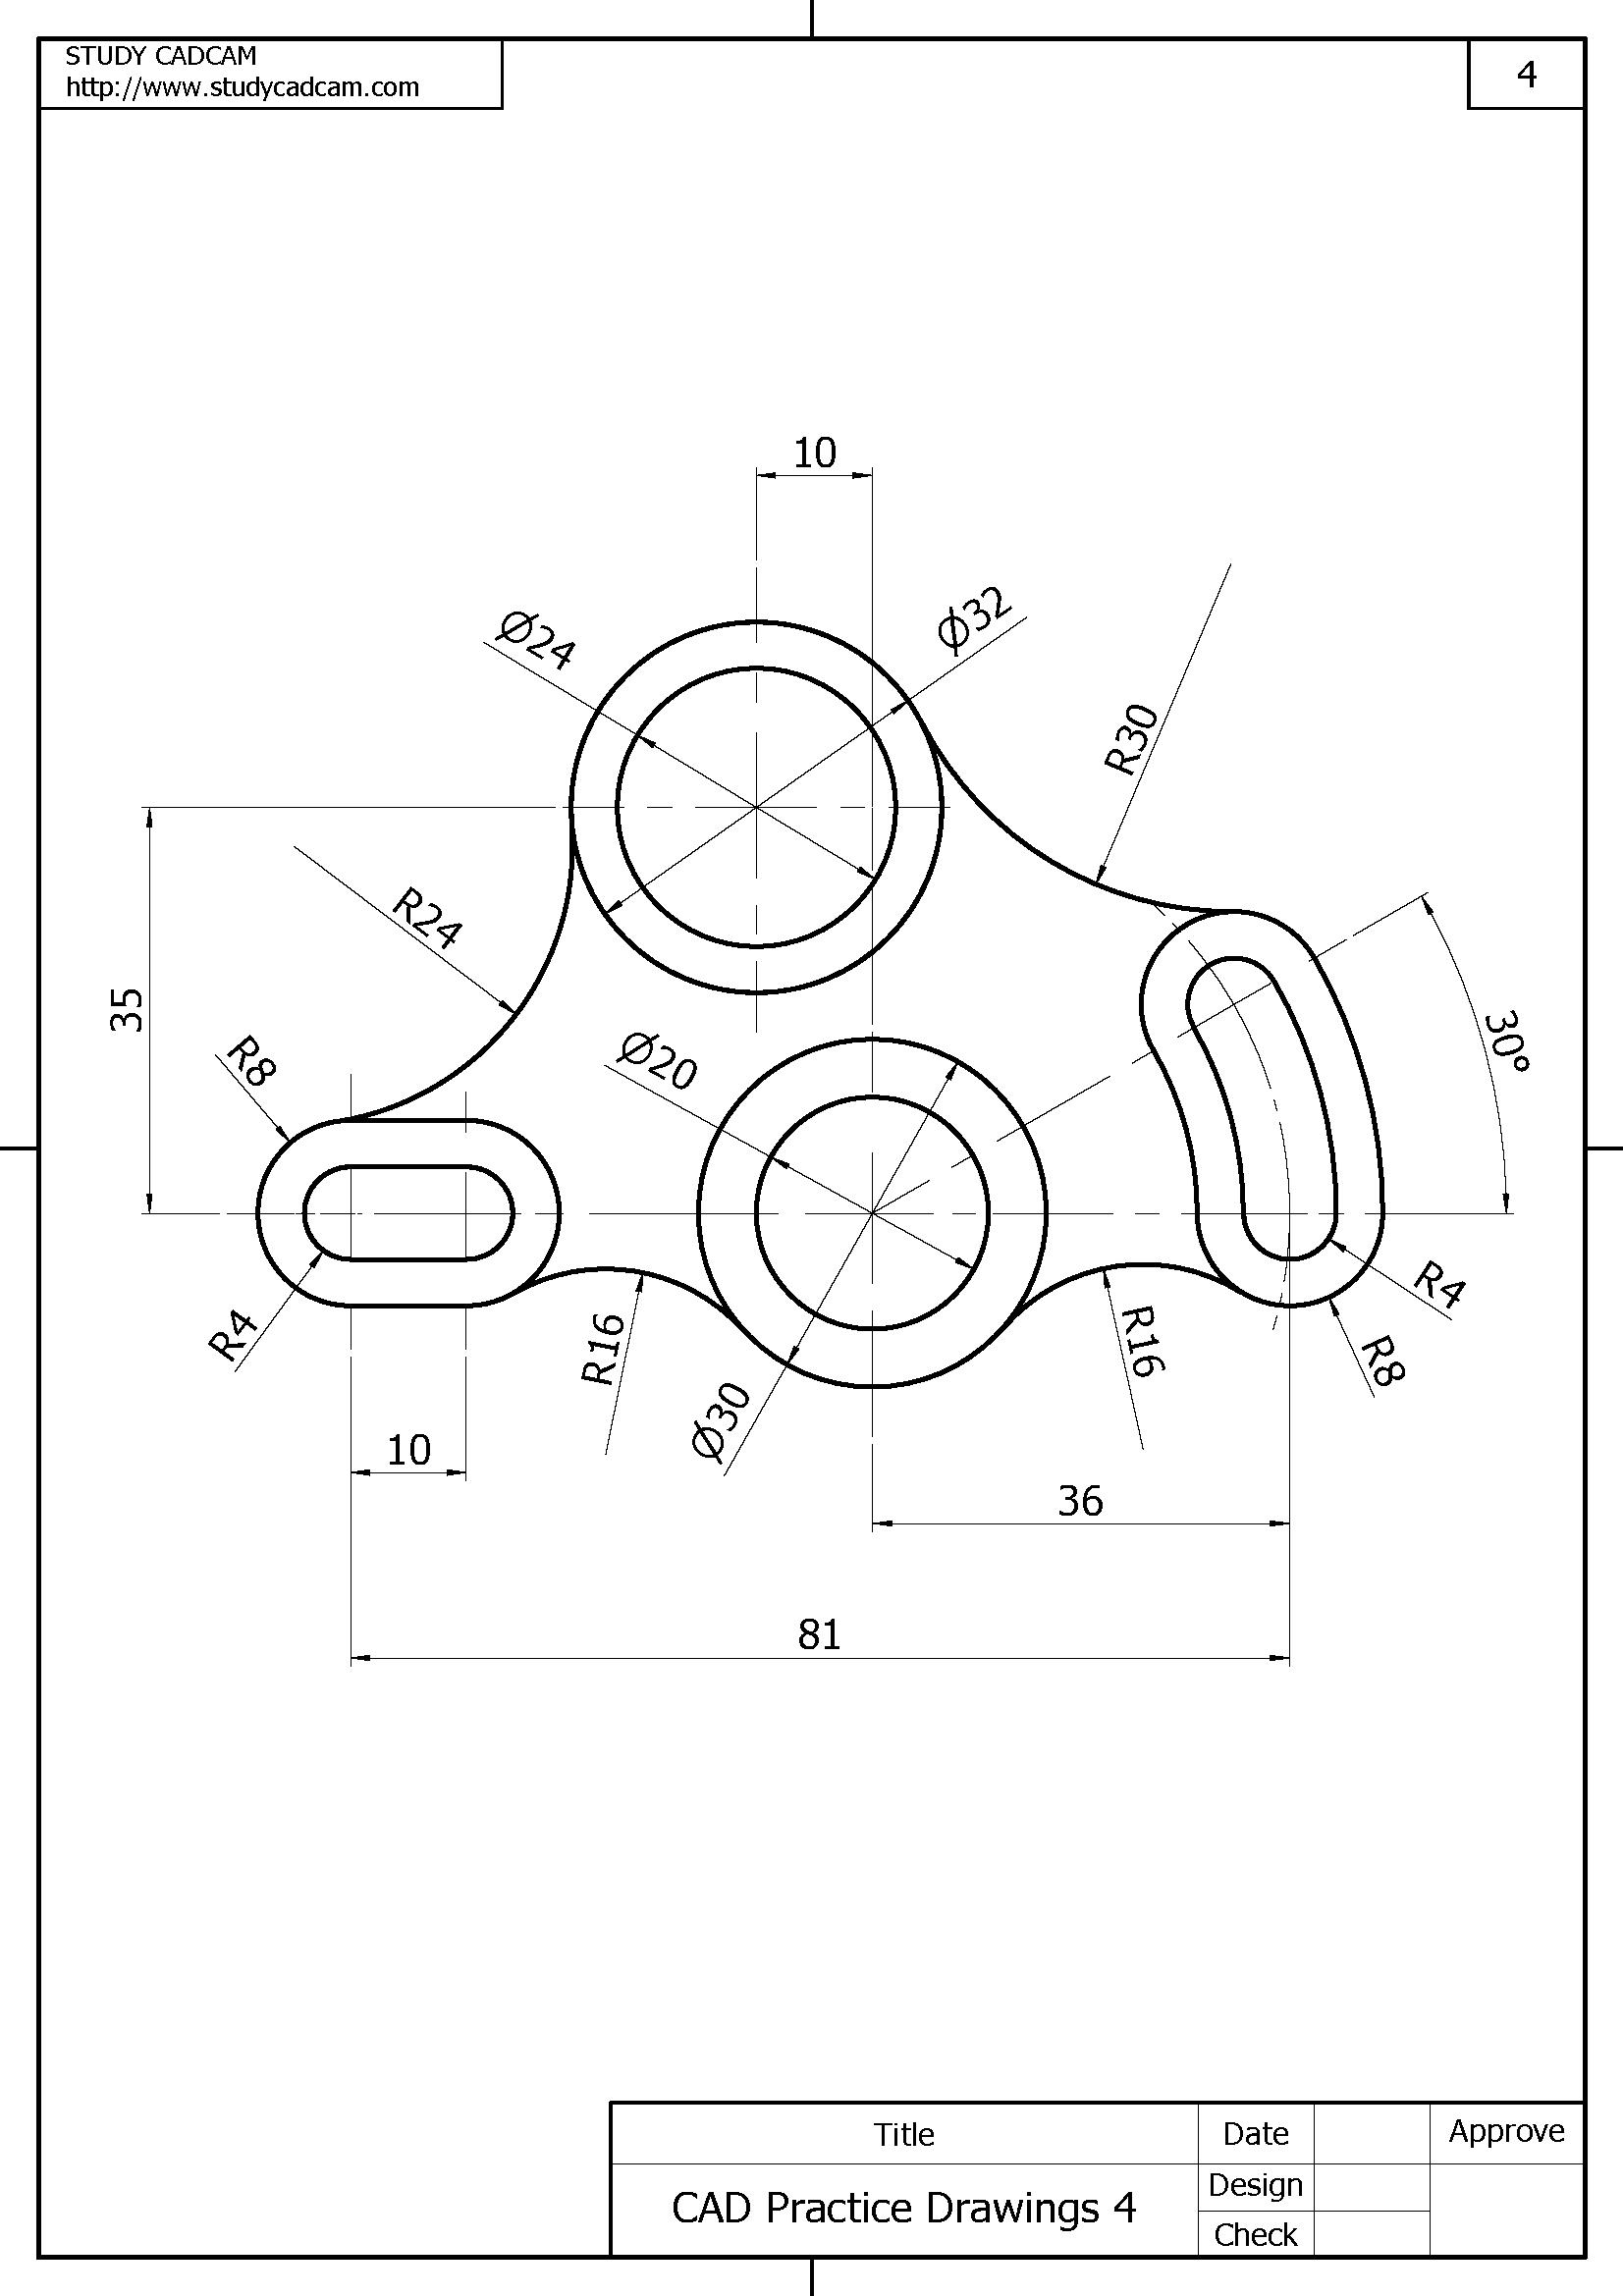 fgnkrsc adlı kullanıcının my drawings panosundaki Pin